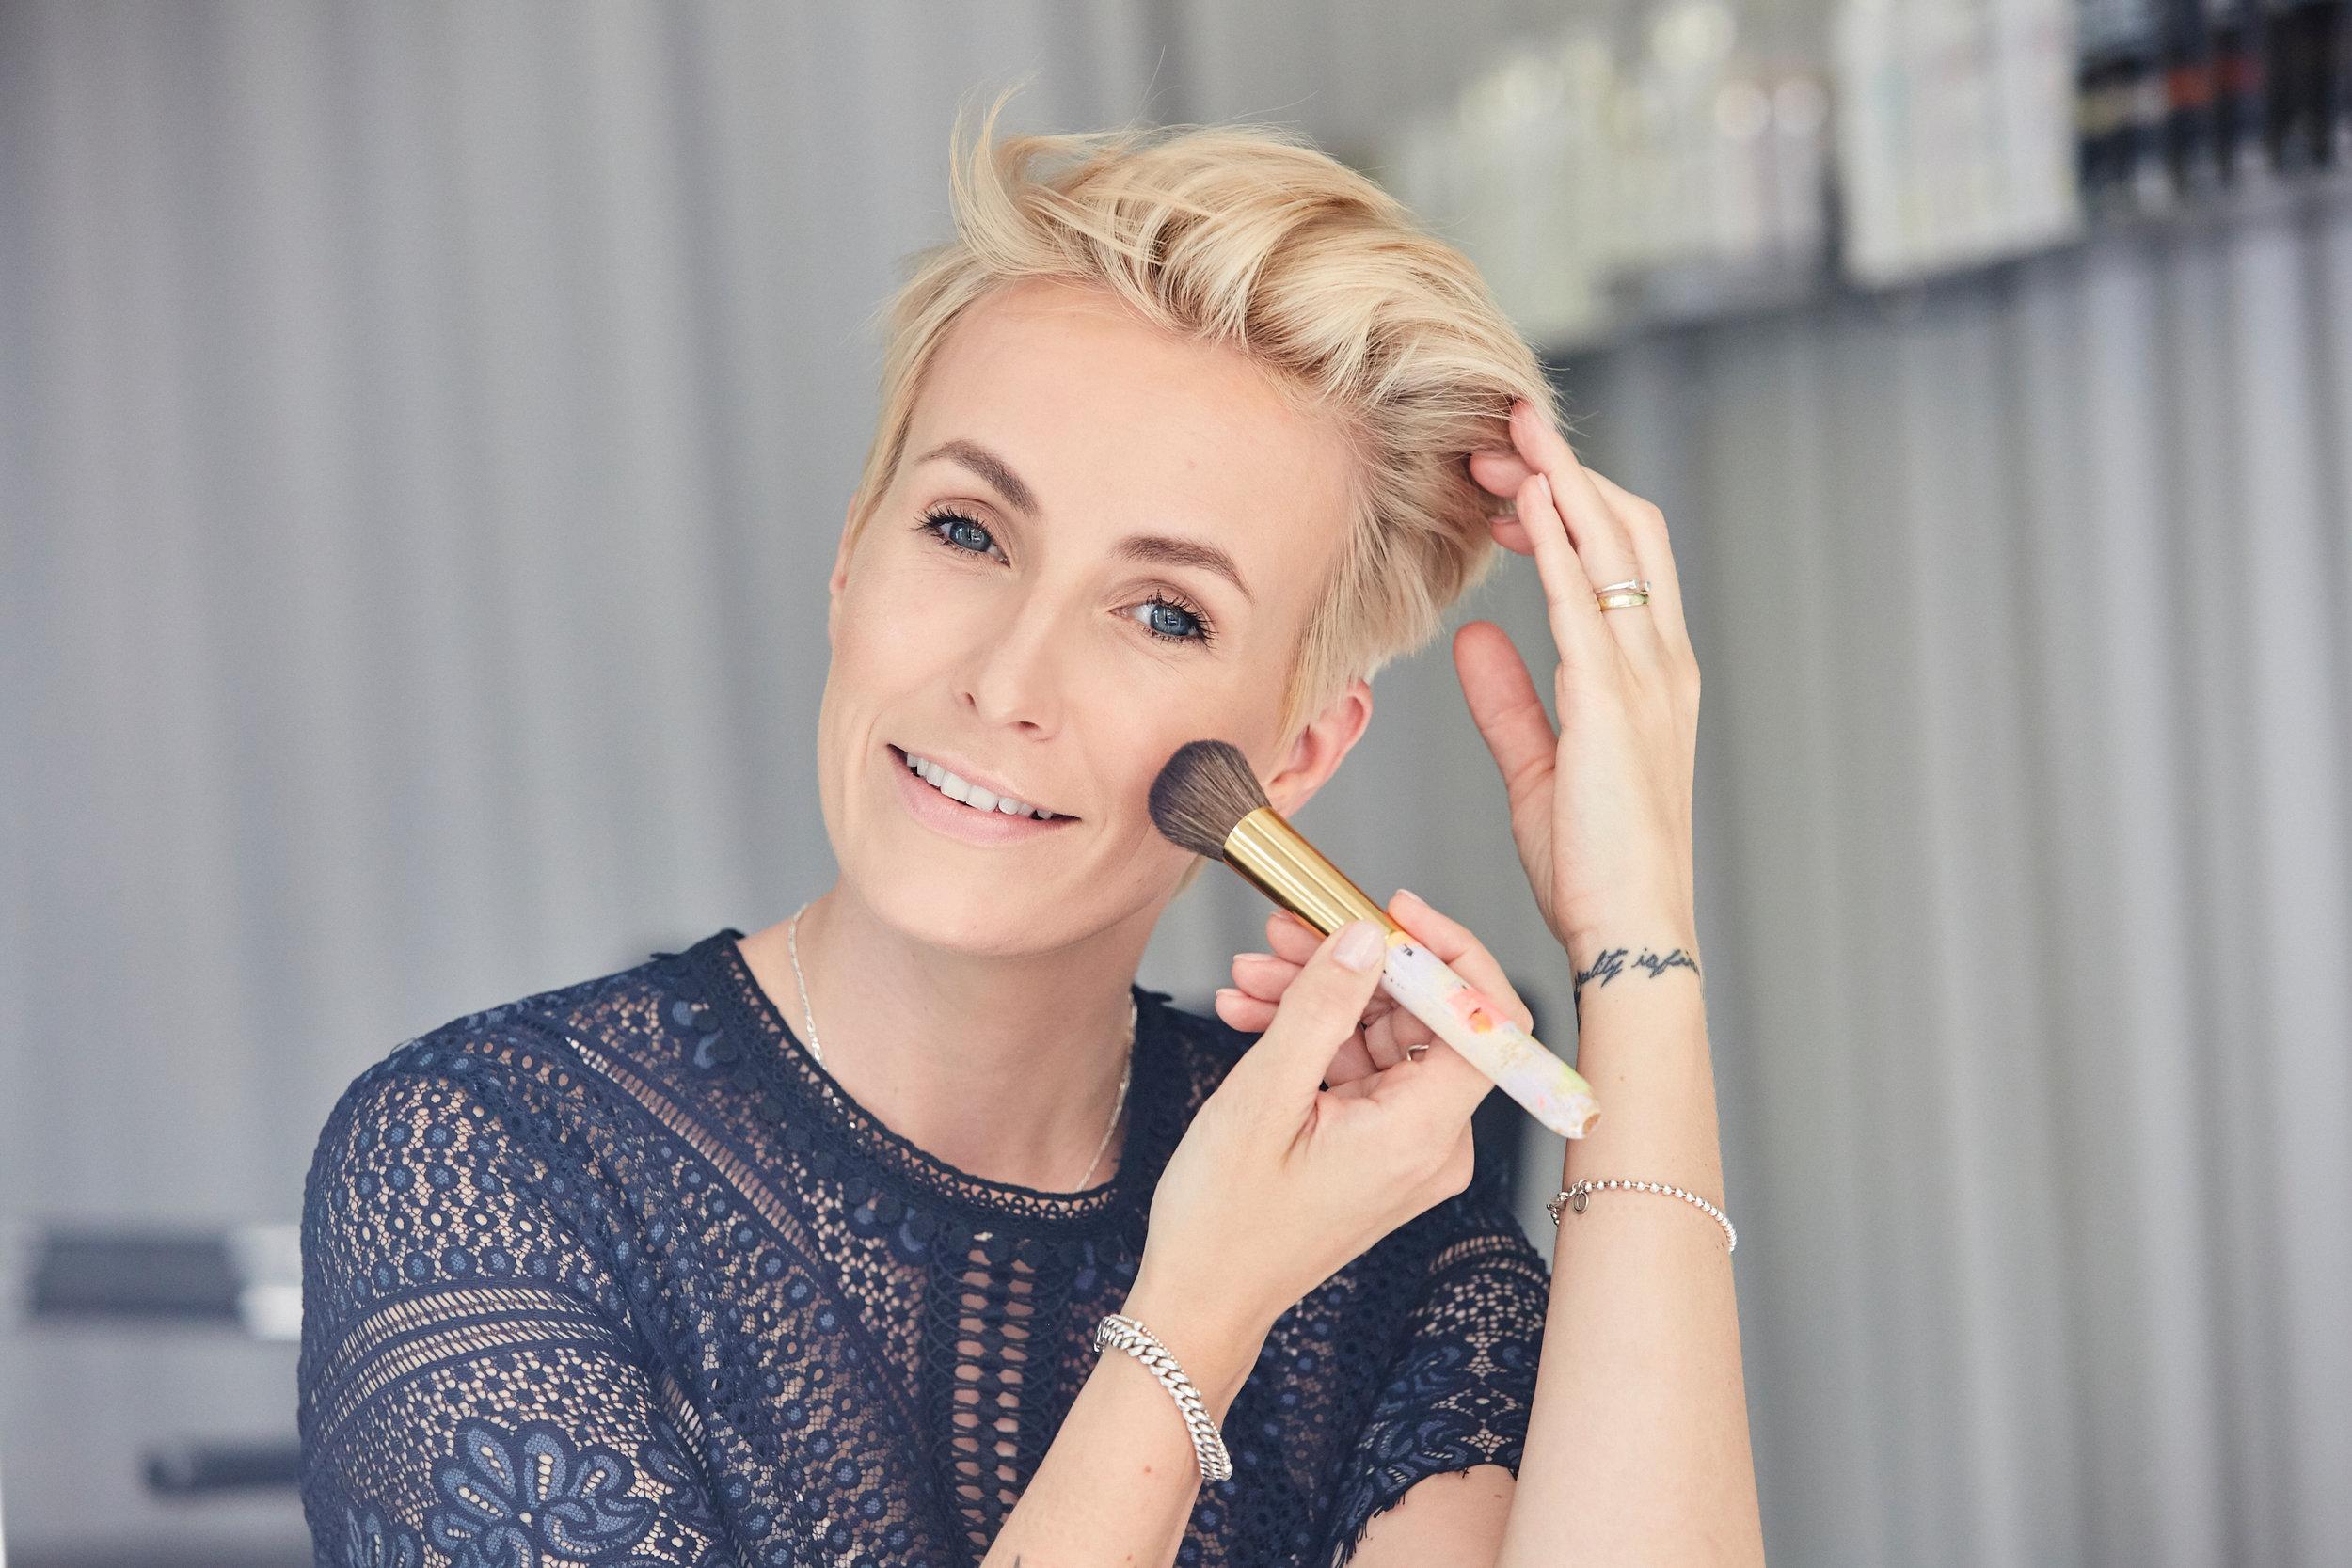 BEAUTY TIPPder perfekte teint - Jeden Monat, wenn ich meine Tage habe, habe ich mit, für meine Verhältnisse, schlechter Haut zu kämpfen. Nicht nur, dass die Haut an diesen Tagen schlecht aussieht, ich fühle mich auch so. Da bin ich besonders dankbar für mein Make-up, denn es lässt mich mich gleich viel besser fühlen.LOS GEHT'S